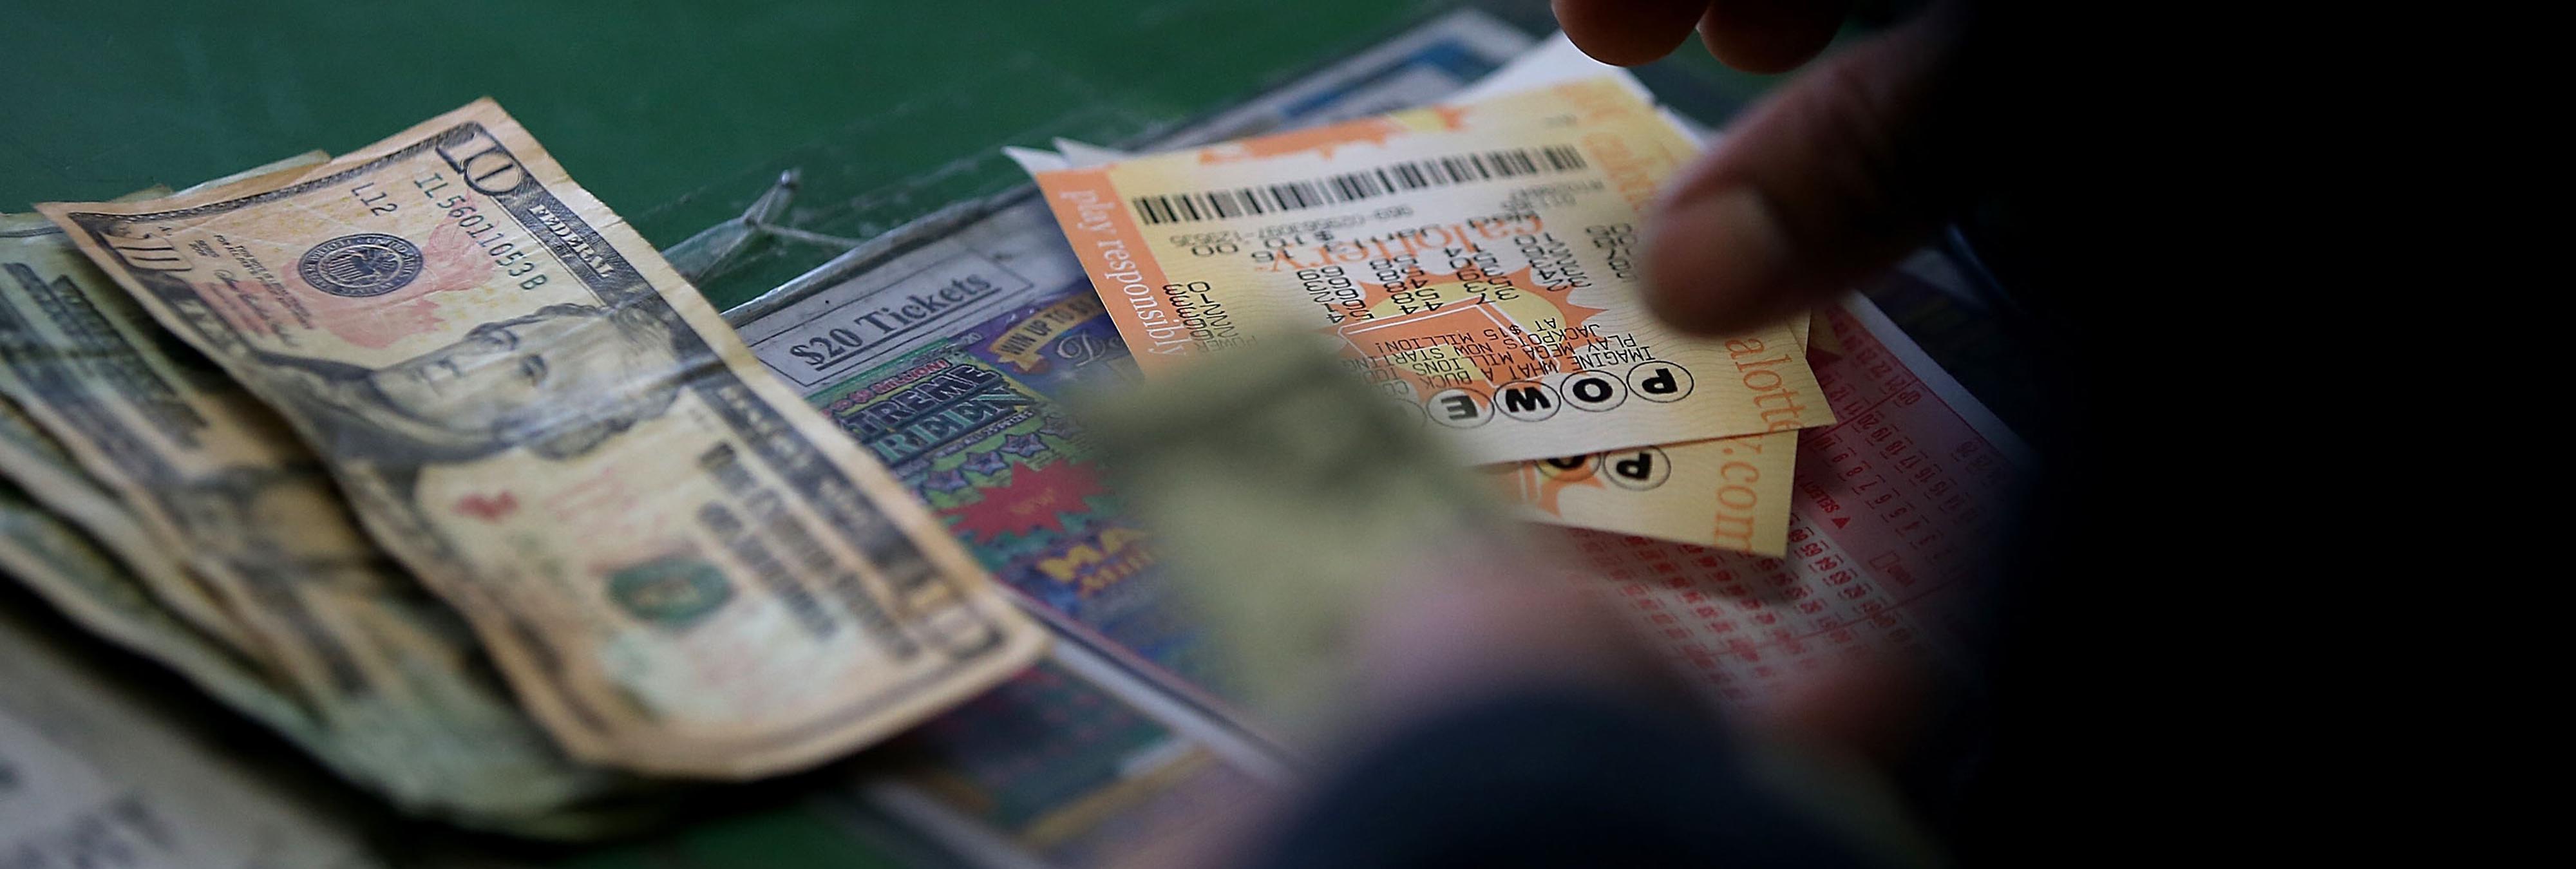 Locura en EEUU porque la lotería alcanza los 1.500 millones... y tú puedes ganarlos